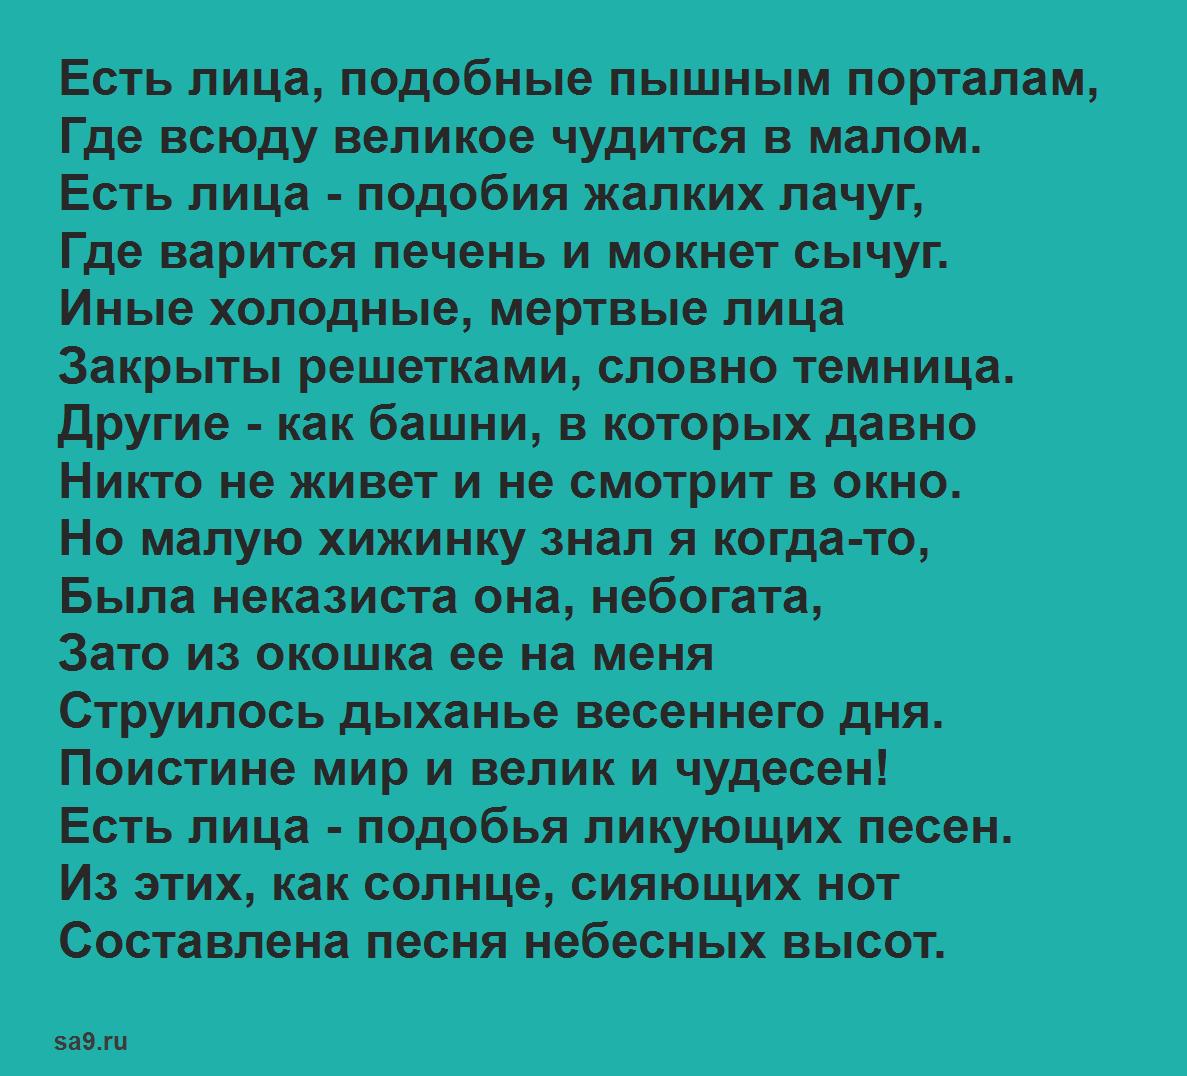 Заболоцкий стихи Лица - О красоте человеческих лиц